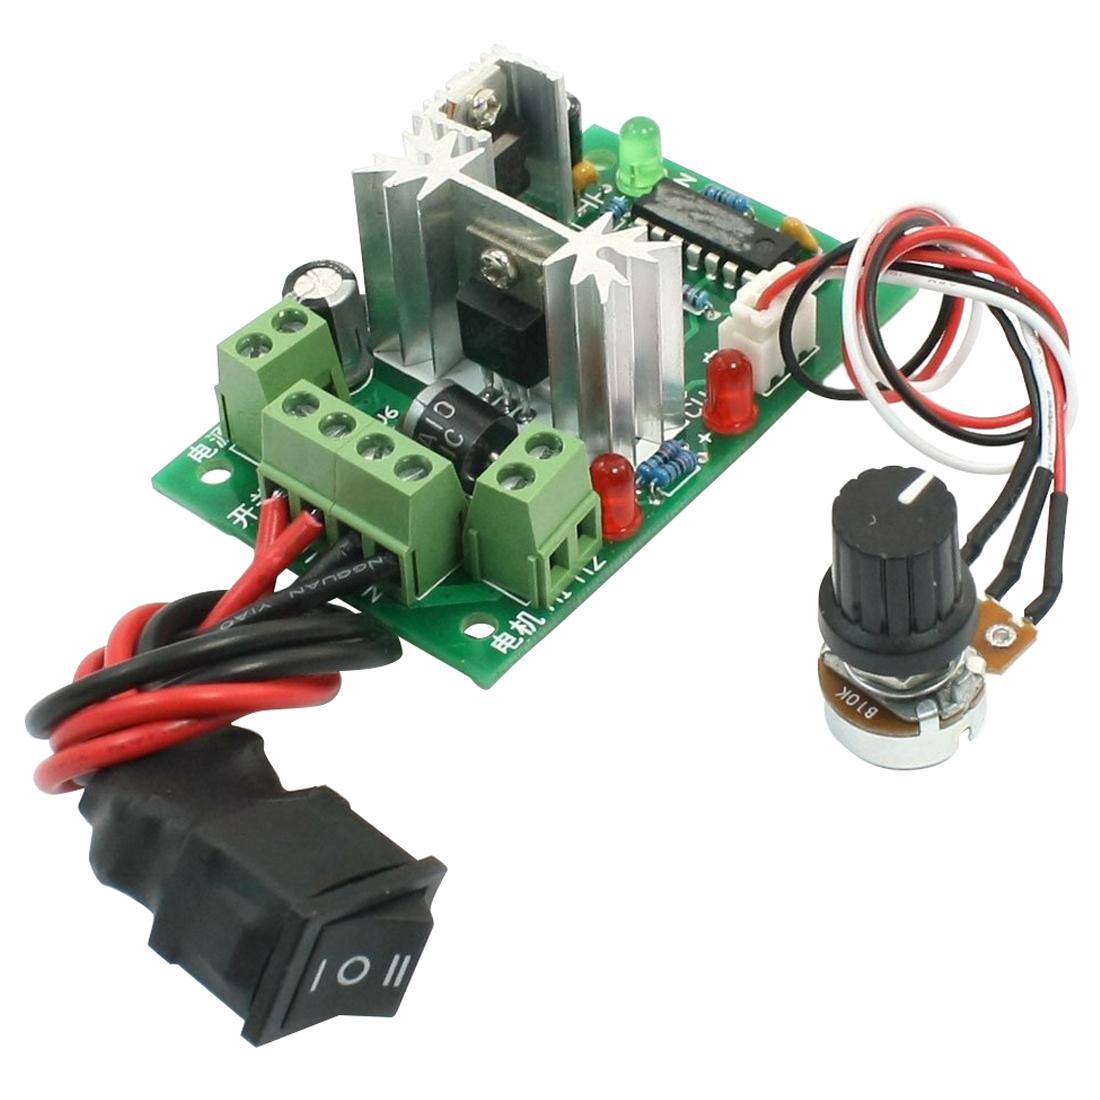 12V 24V 30V 120W PWM Adjustable Volt DC Motor Speed Controller CCM2 LW   eBay